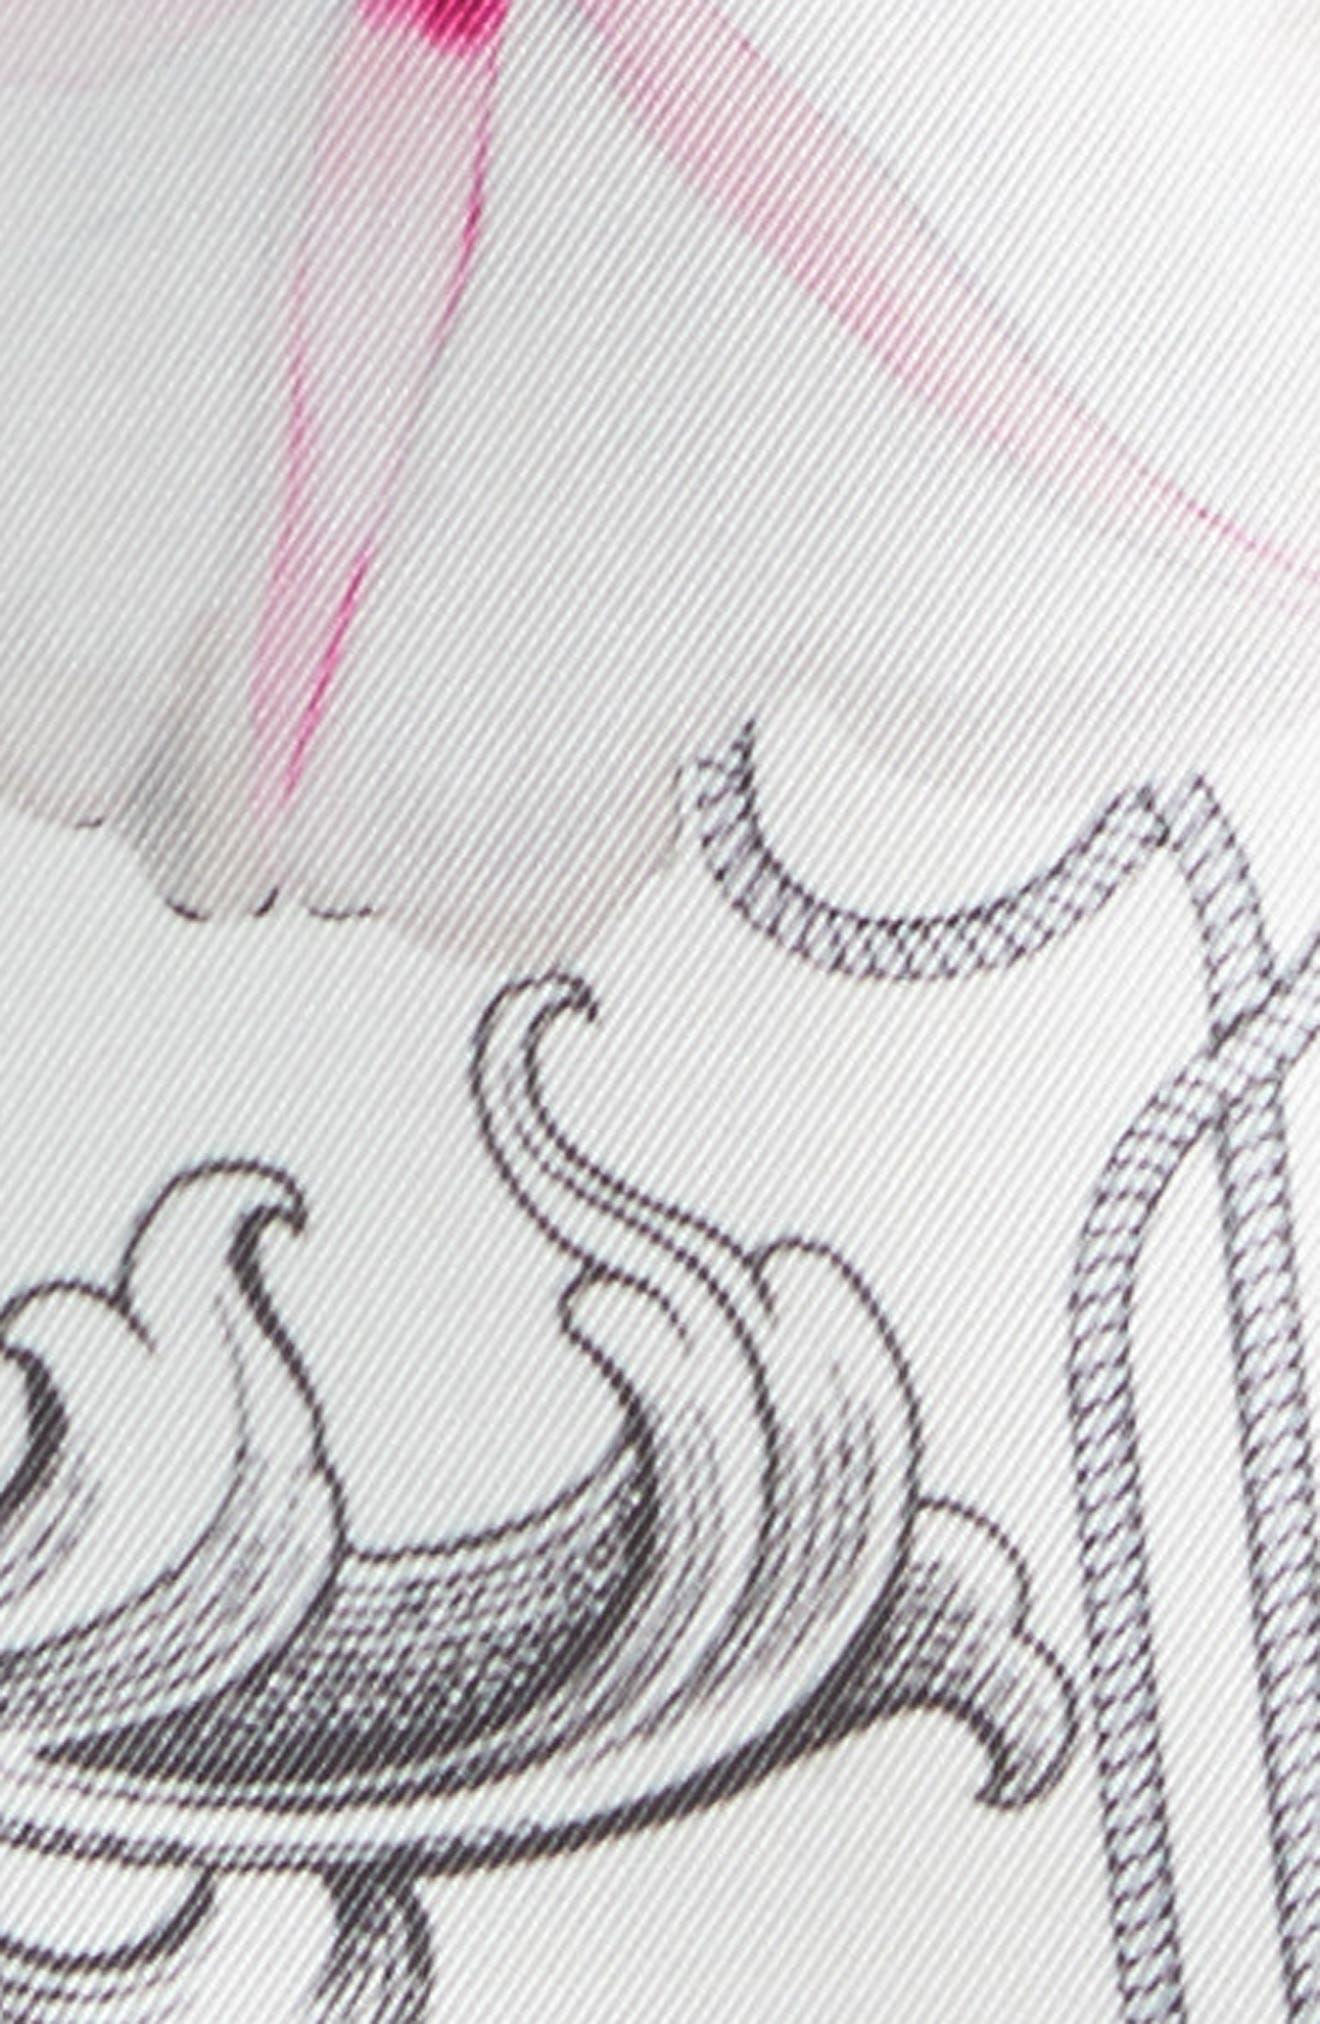 Reliat Passion Flower Cap Sleeve Dress,                             Alternate thumbnail 5, color,                             100